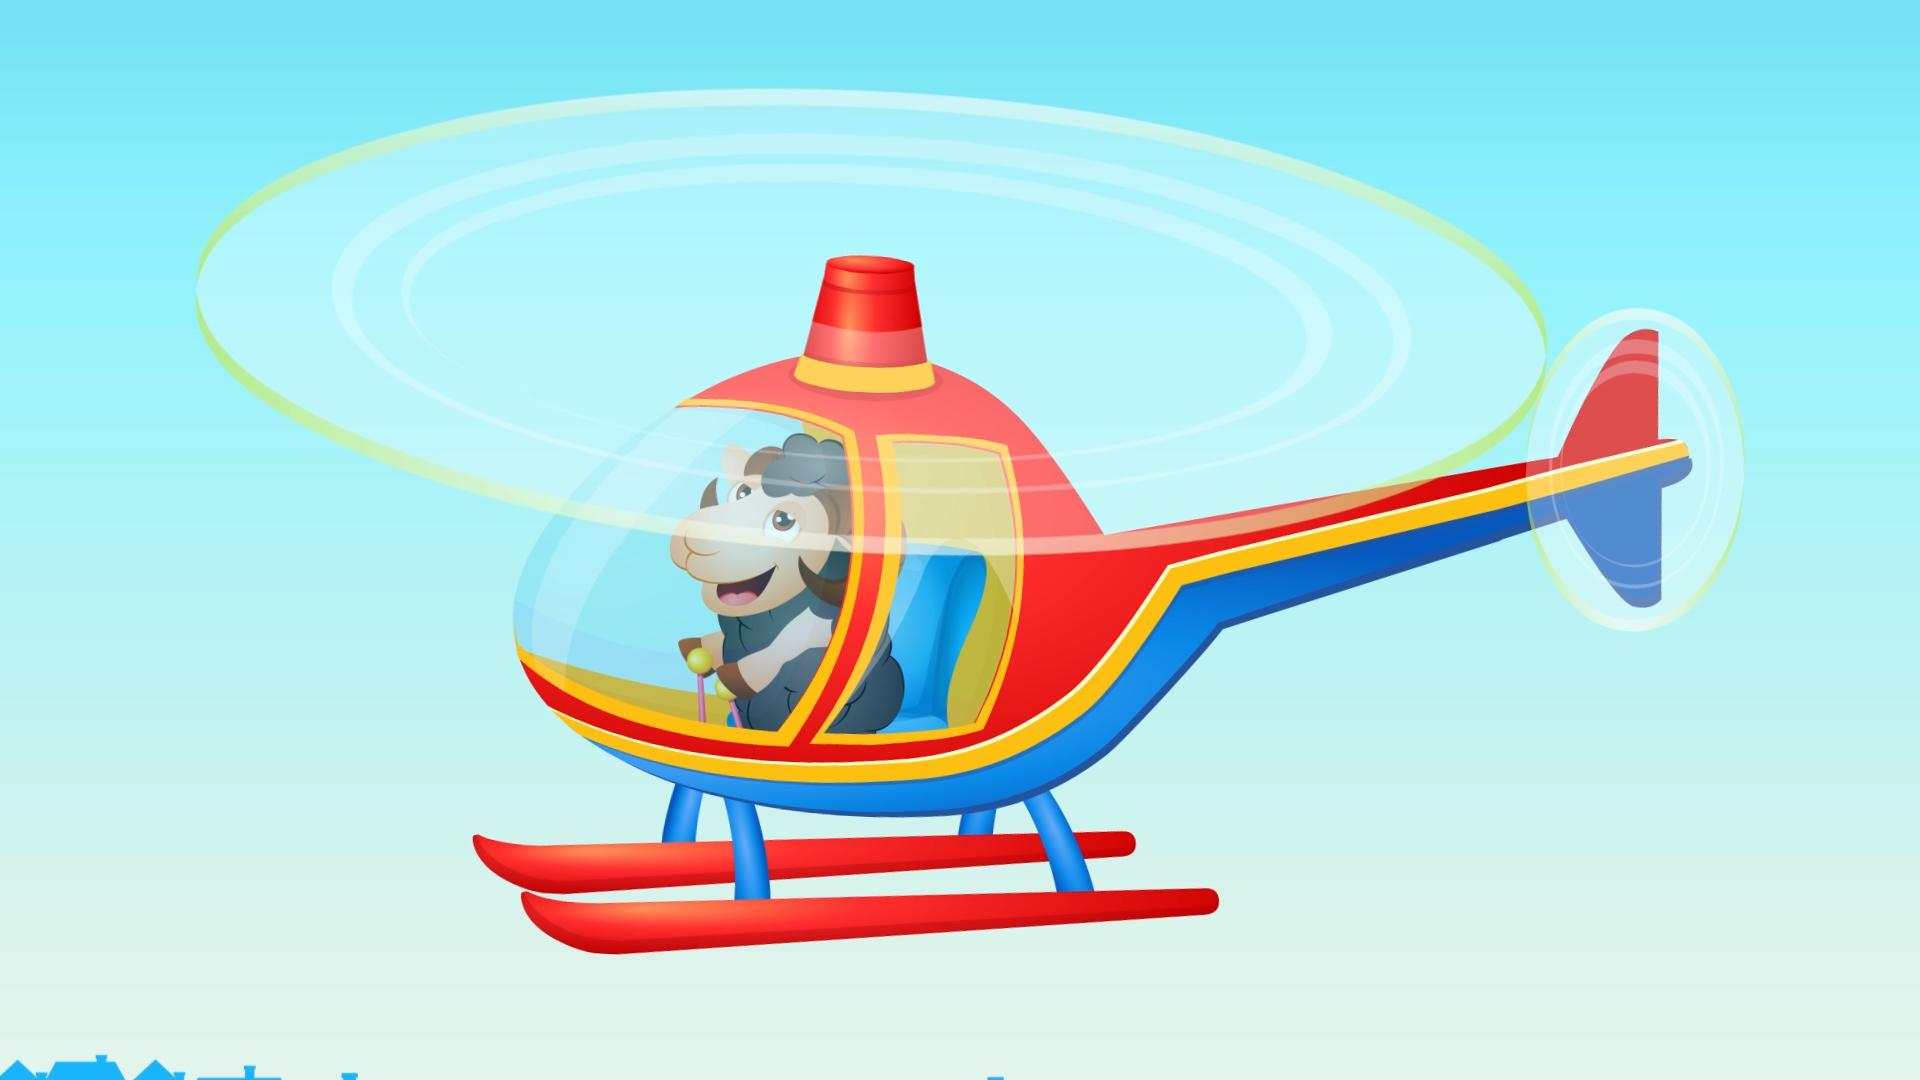 co_lata_plywa_jezdzi_helikopter